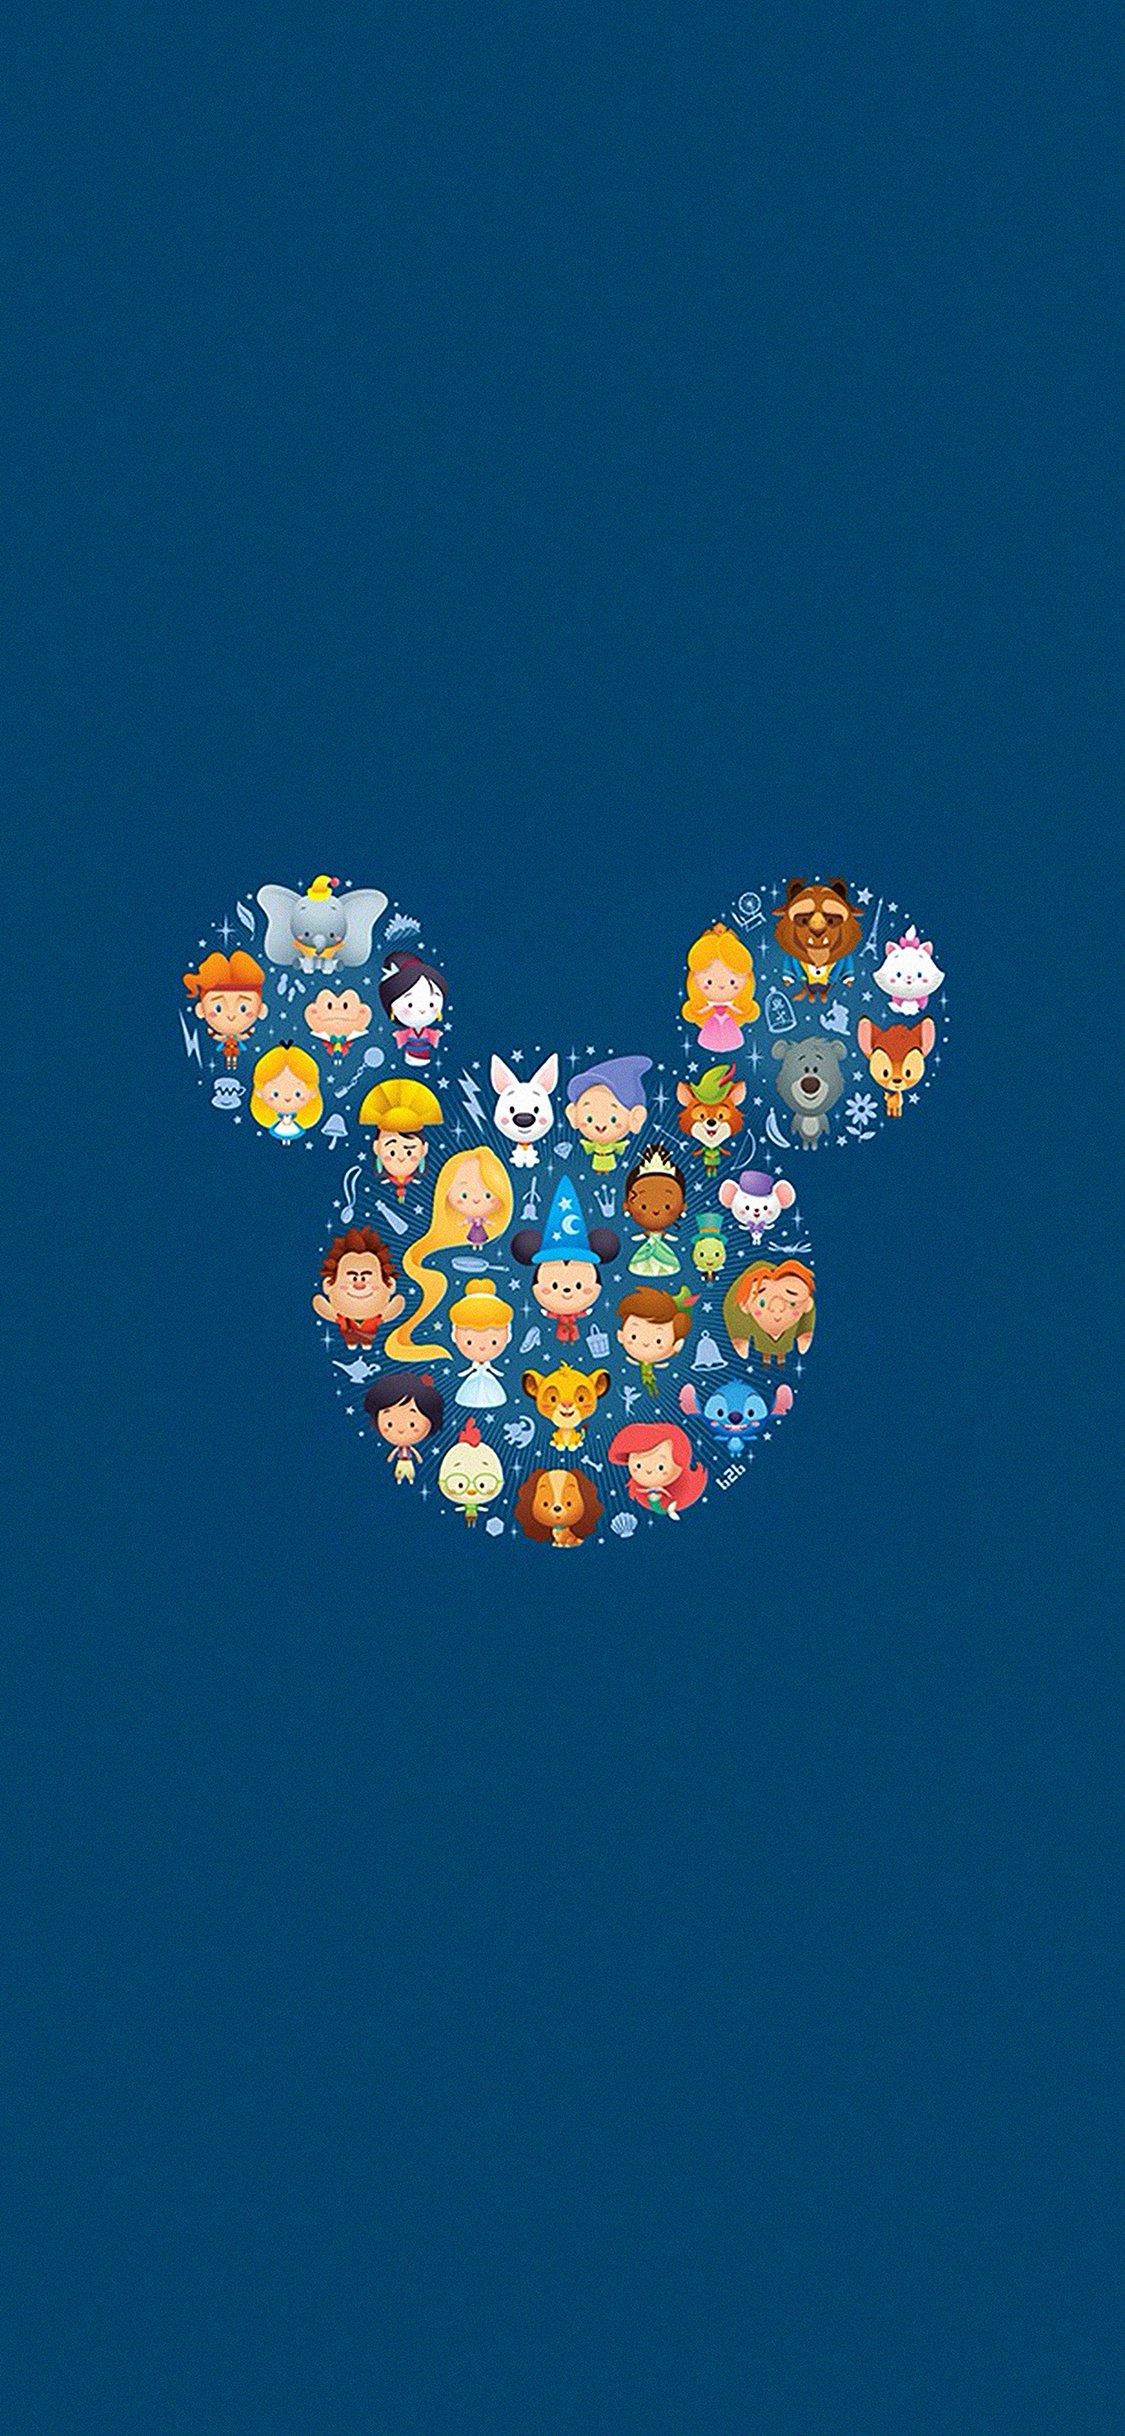 ... Disney art character cute iPhone X wallpaper.